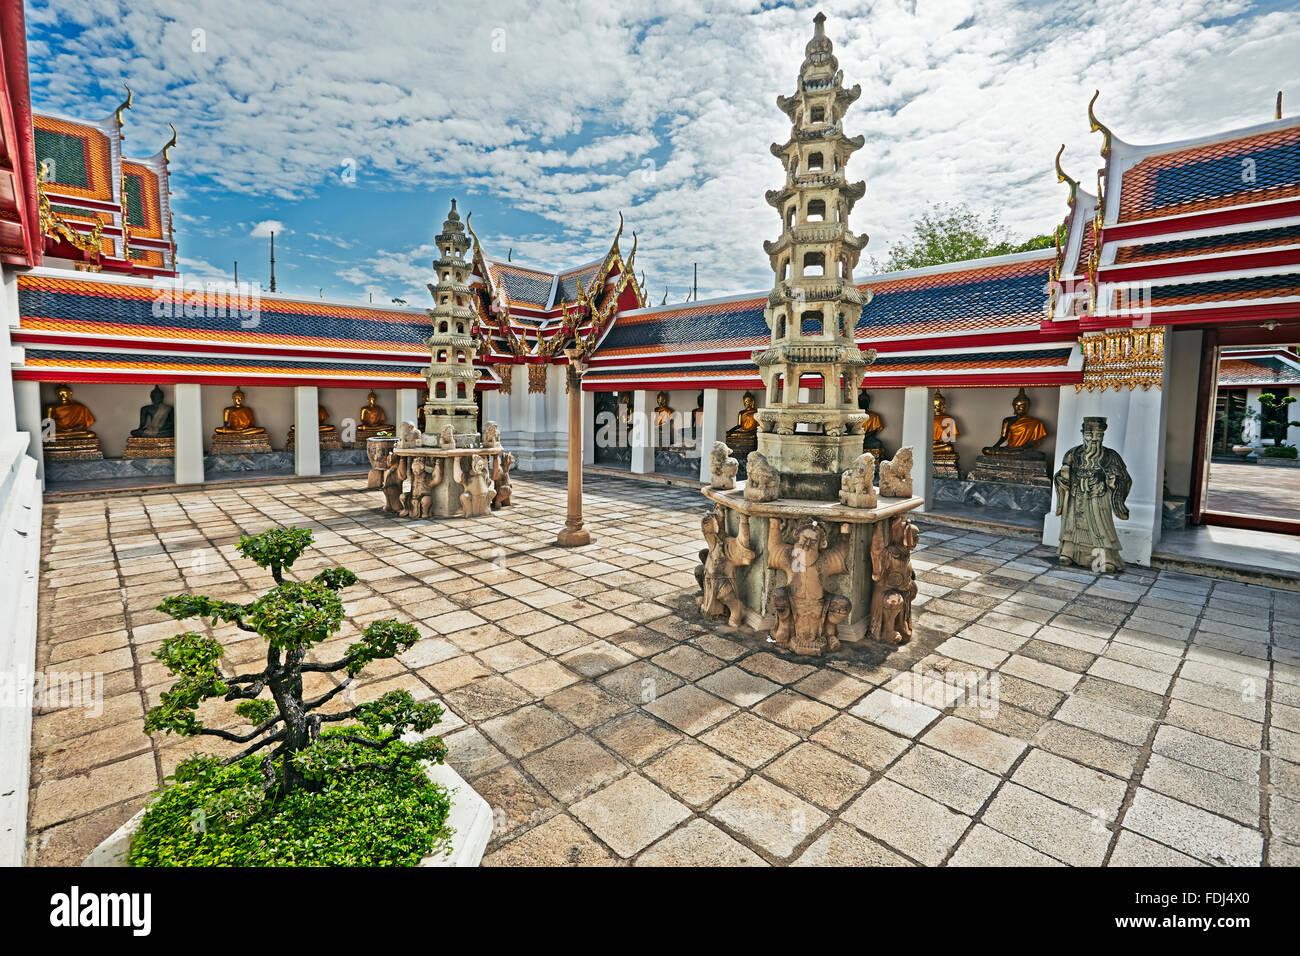 Wat Pho tempio di Bangkok, Tailandia. Immagini Stock